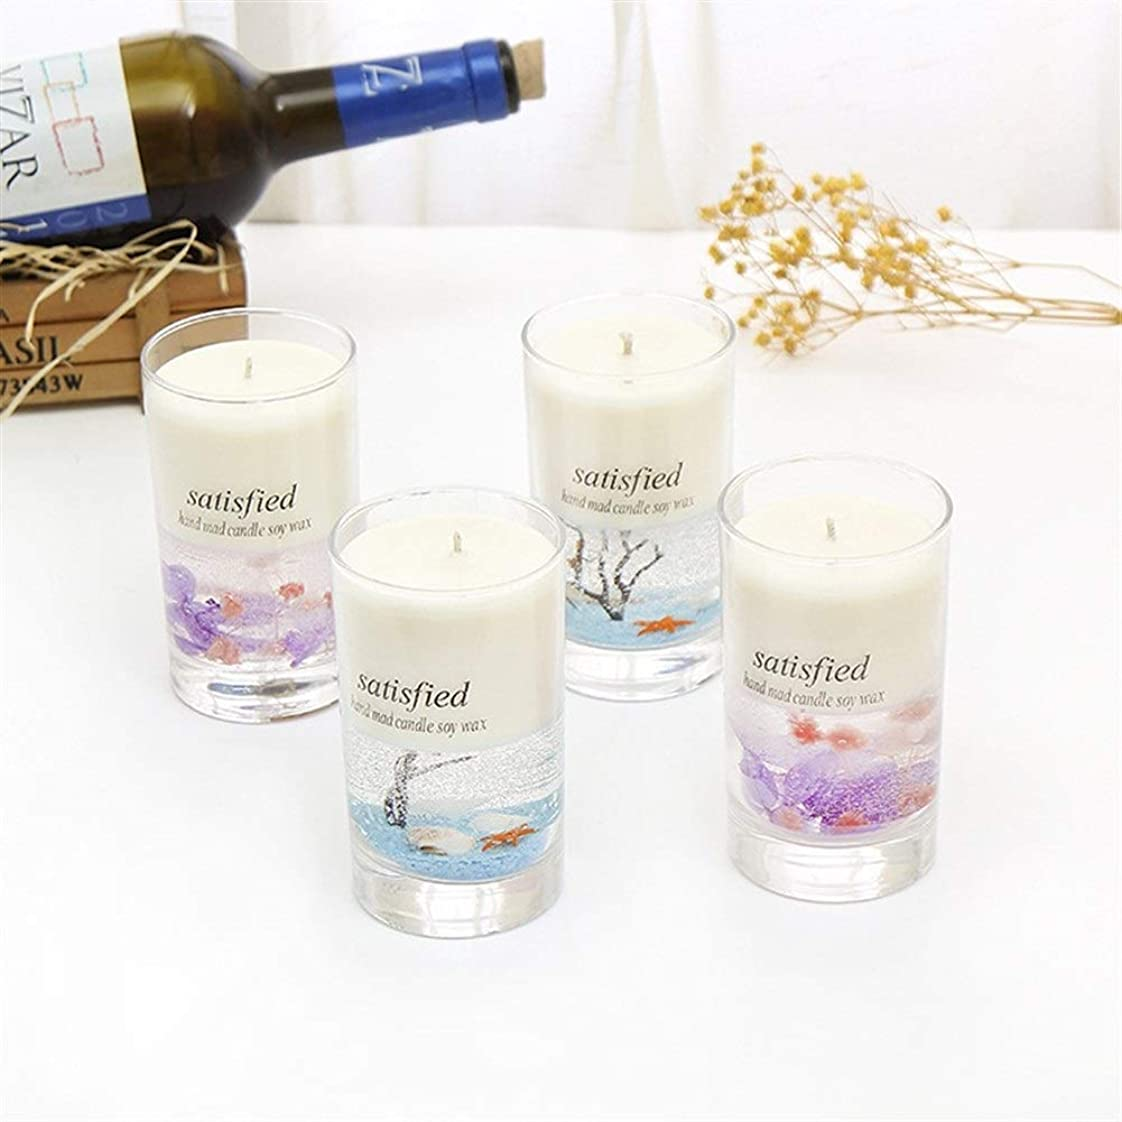 合図火薬リーGuomao シンプルなガラスボトルアロマセラピーガラスカップ無毒で環境に優しいアレンジメント用品キャンドルラスティングフレグランス (色 : Lavender)